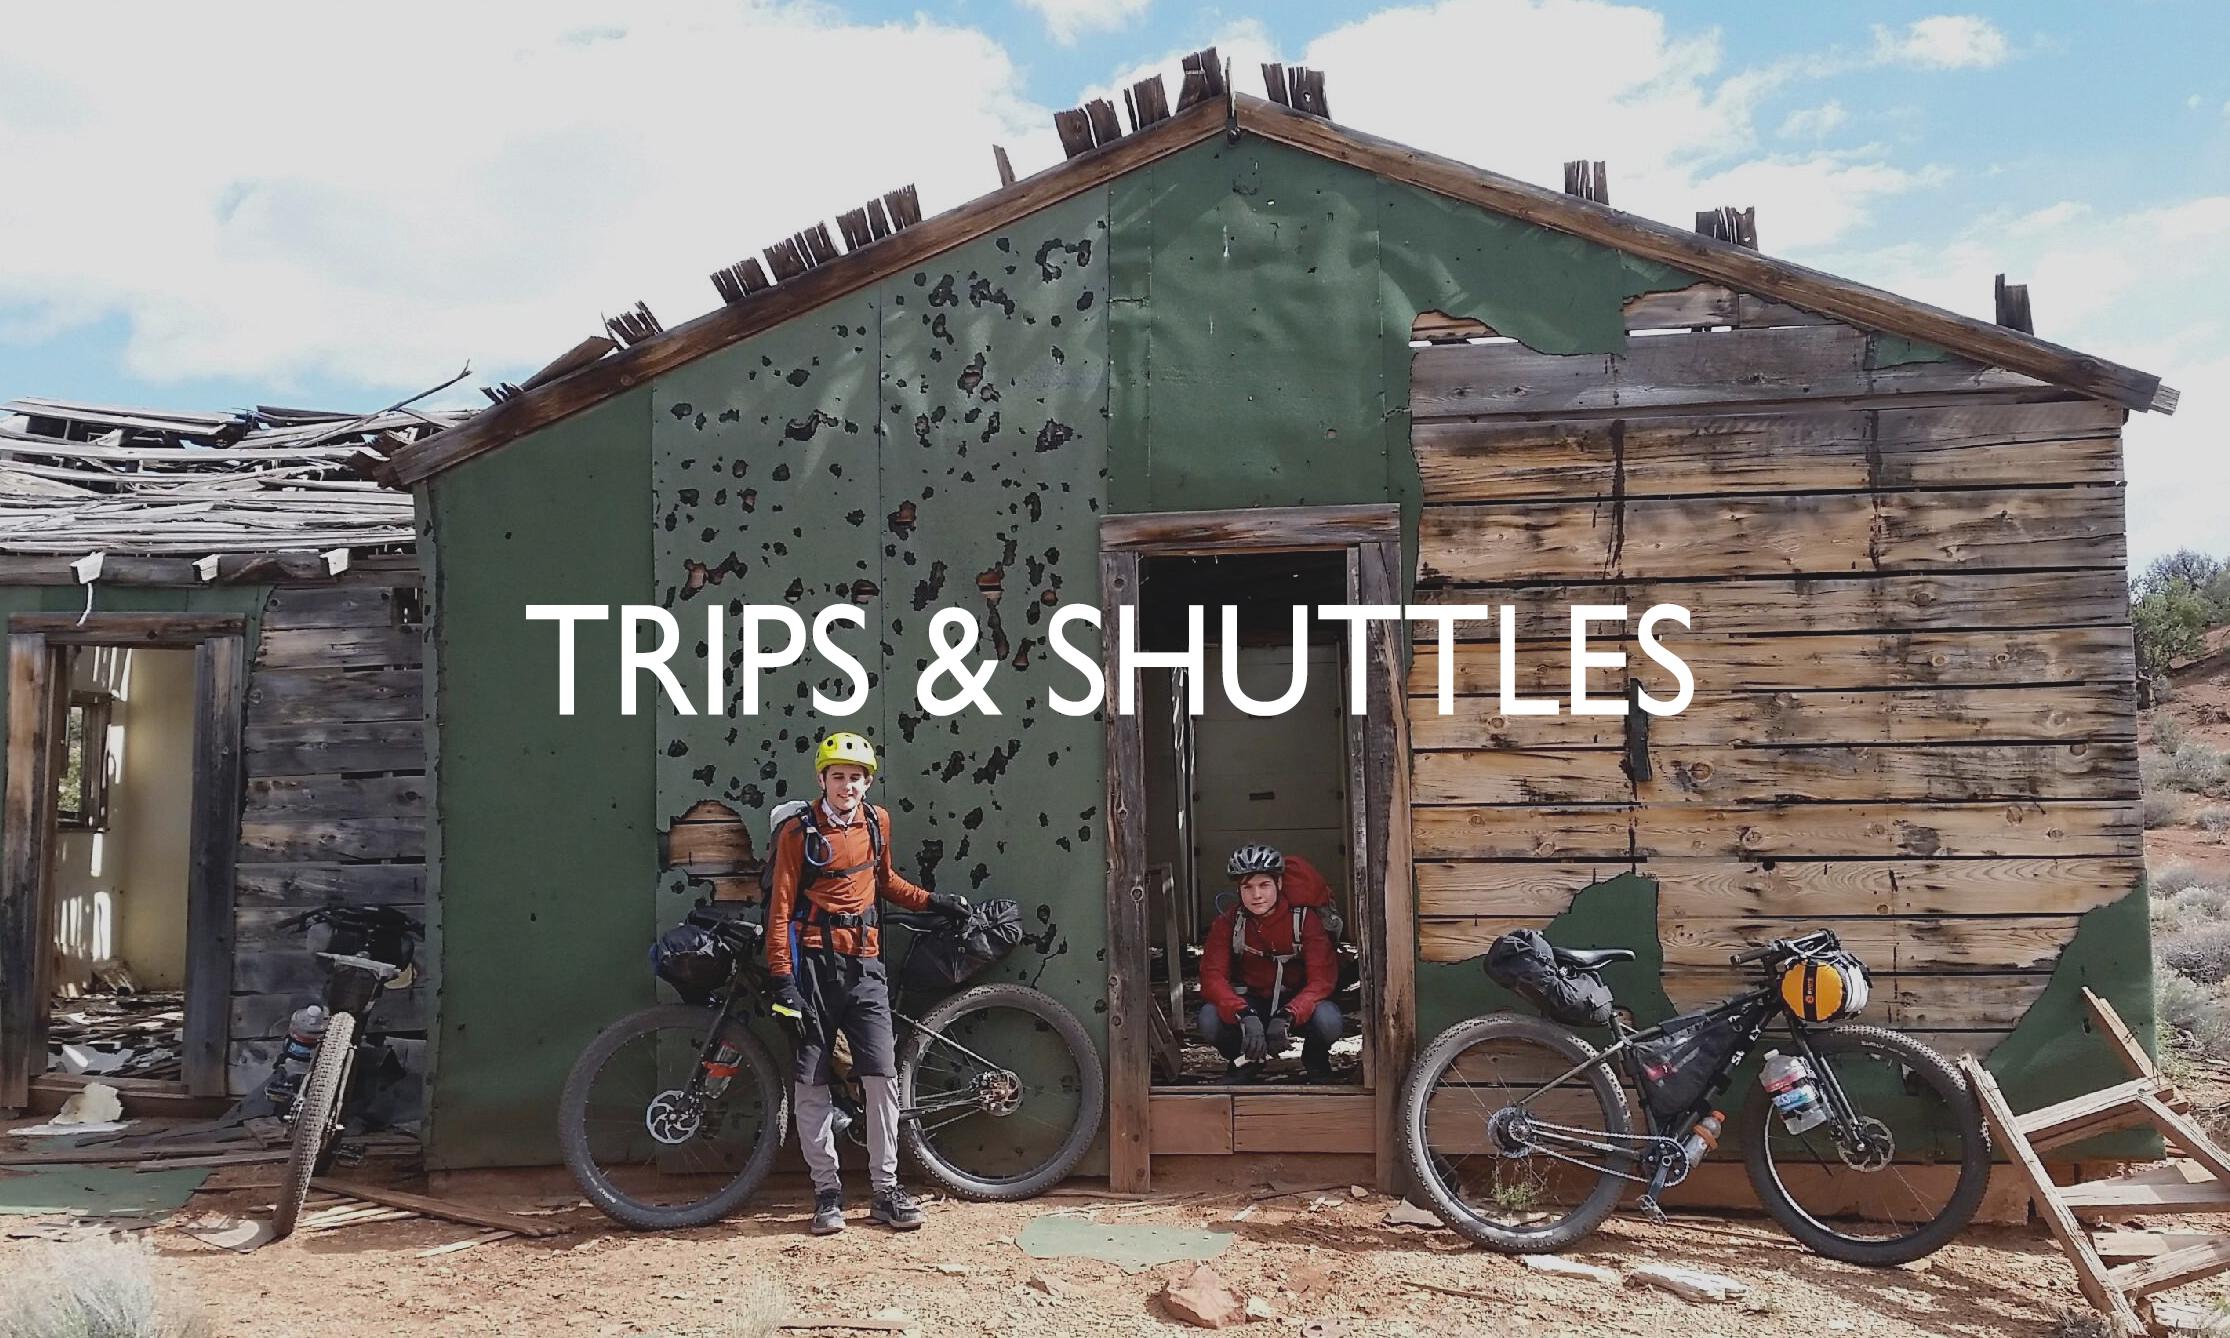 trips shuttle